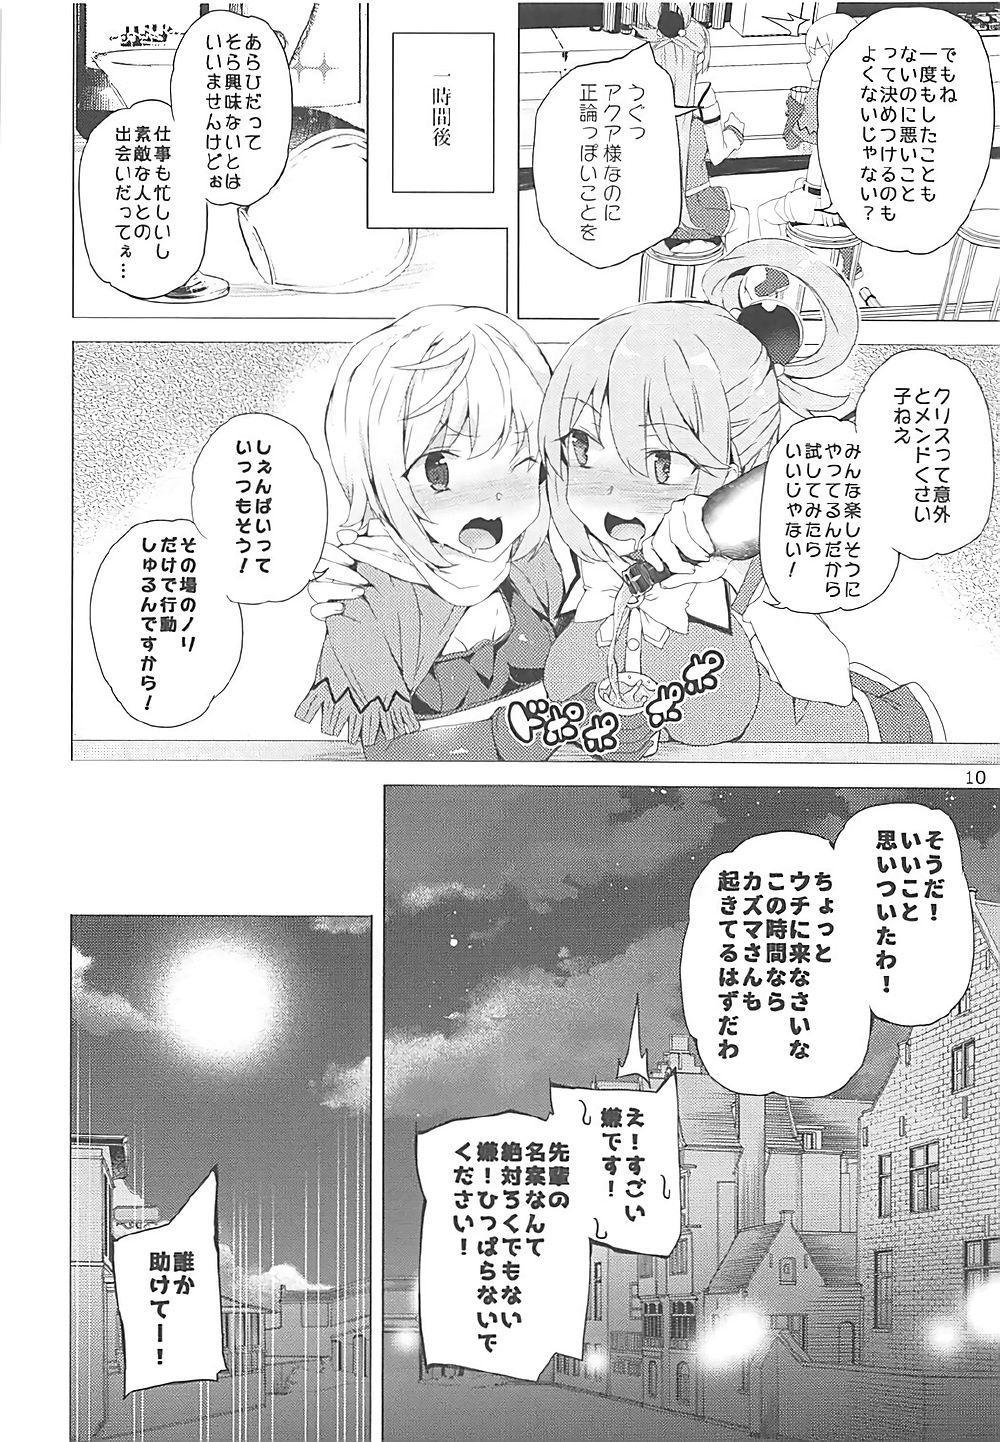 Kono Subarashii Megami-tachi to 3P o! 6